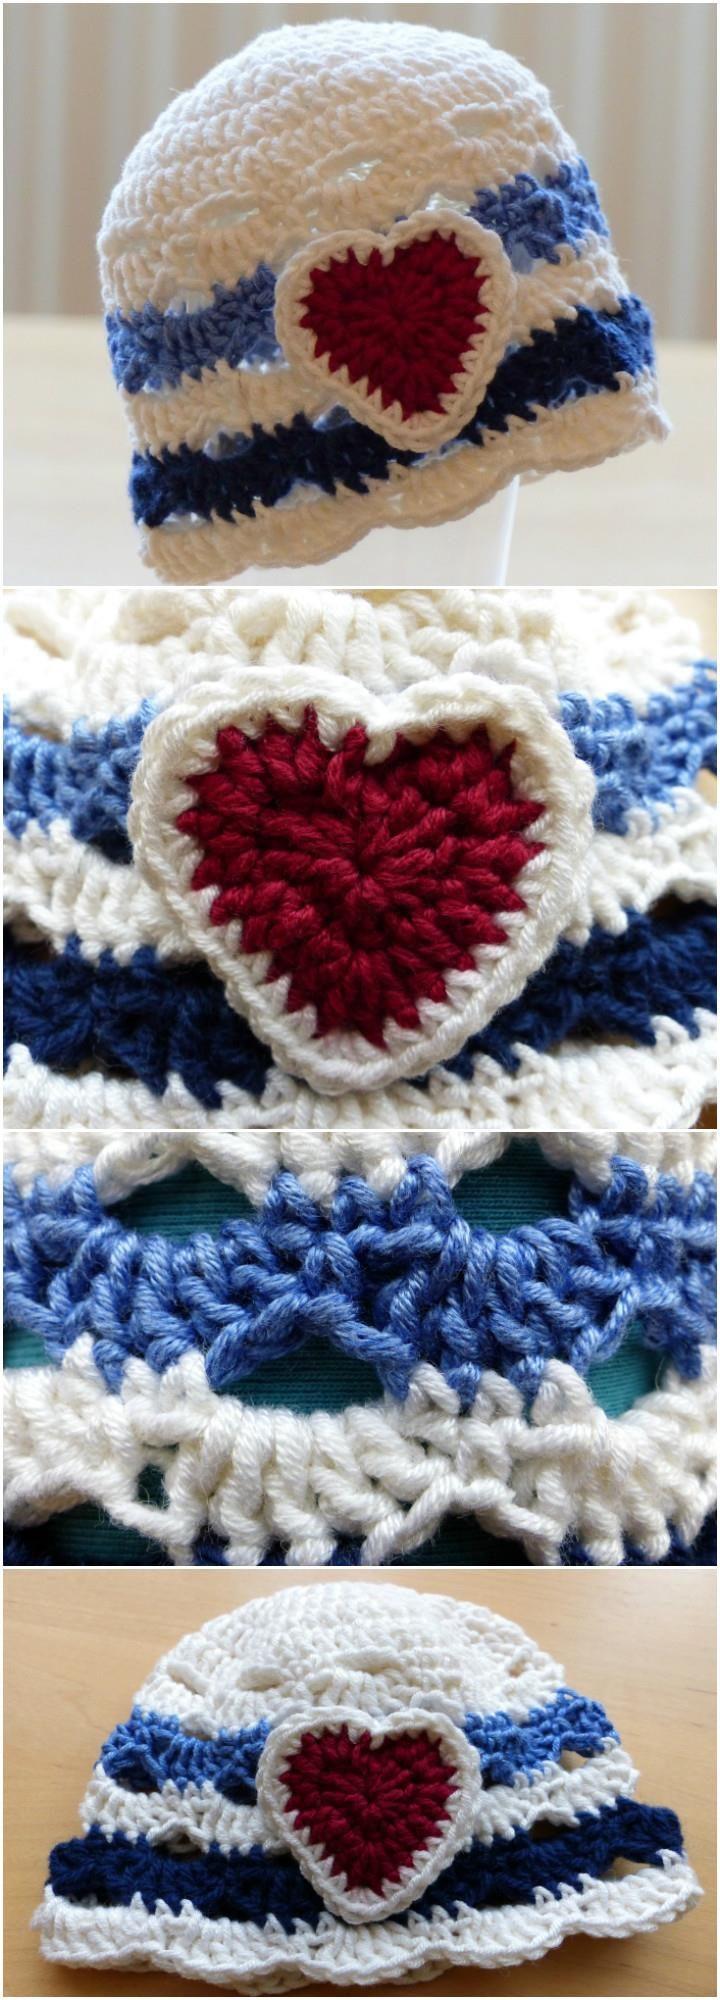 17 Free Crochet Baby Beanie Hat Patterns | Craft Ideas | Pinterest ...